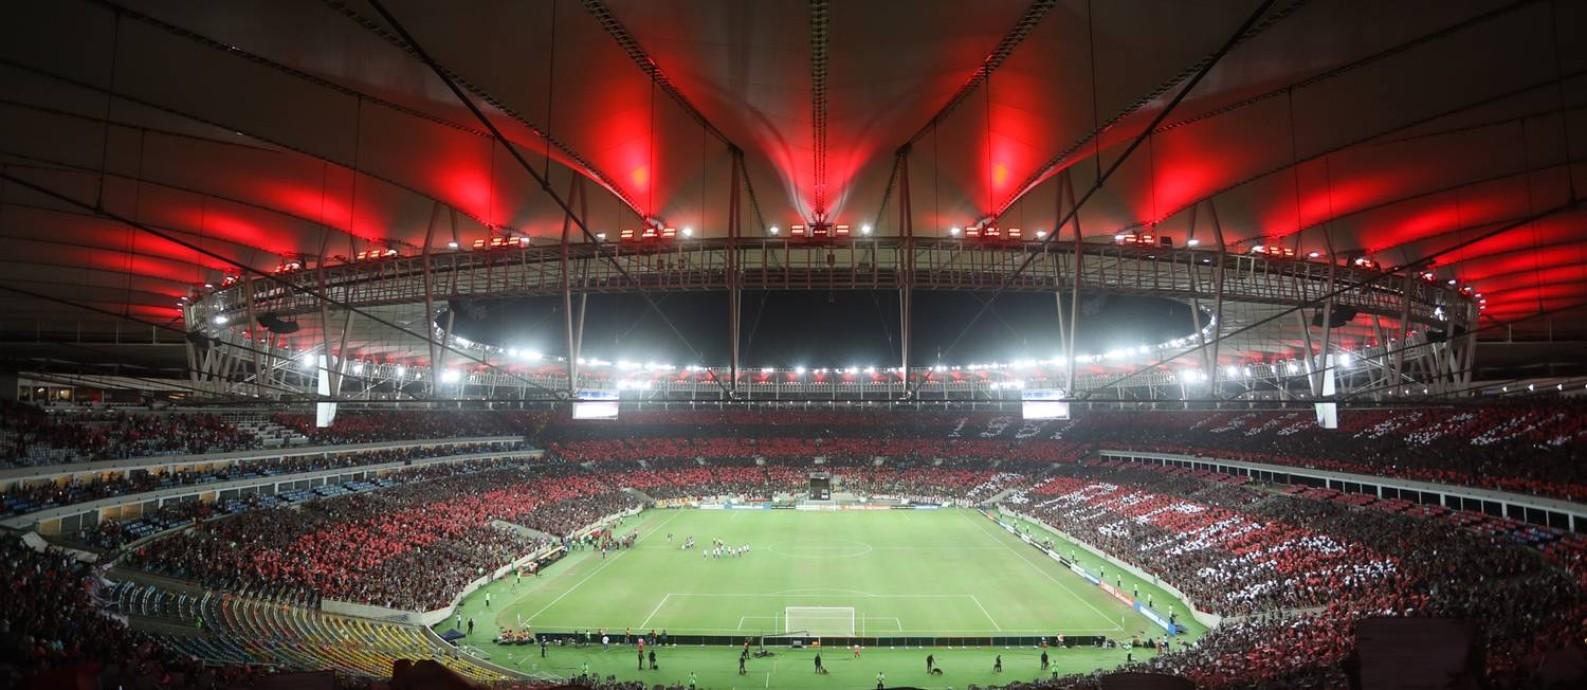 O Estádio do Maracanã lotado Foto: Divulgação/Flamengo